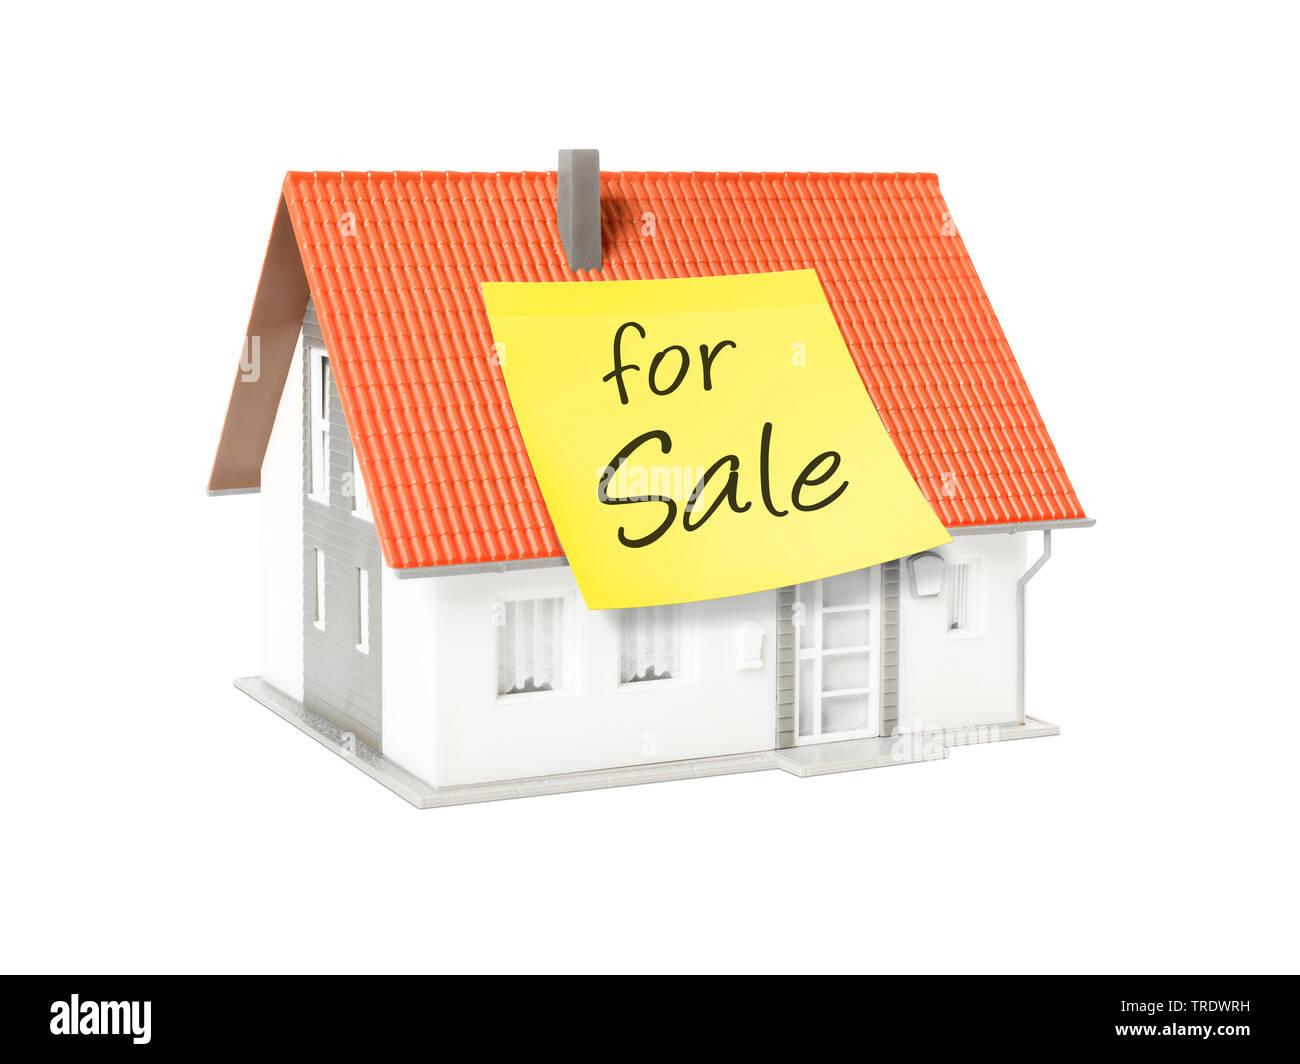 3D-Computergrafik, Alleinstehendes Einfamilienhaus mit gelbem Klebezettel mit der Aufschrift FOR SALE (zu verkaufen) | 3D computer graphic, freestandi - Stock Image